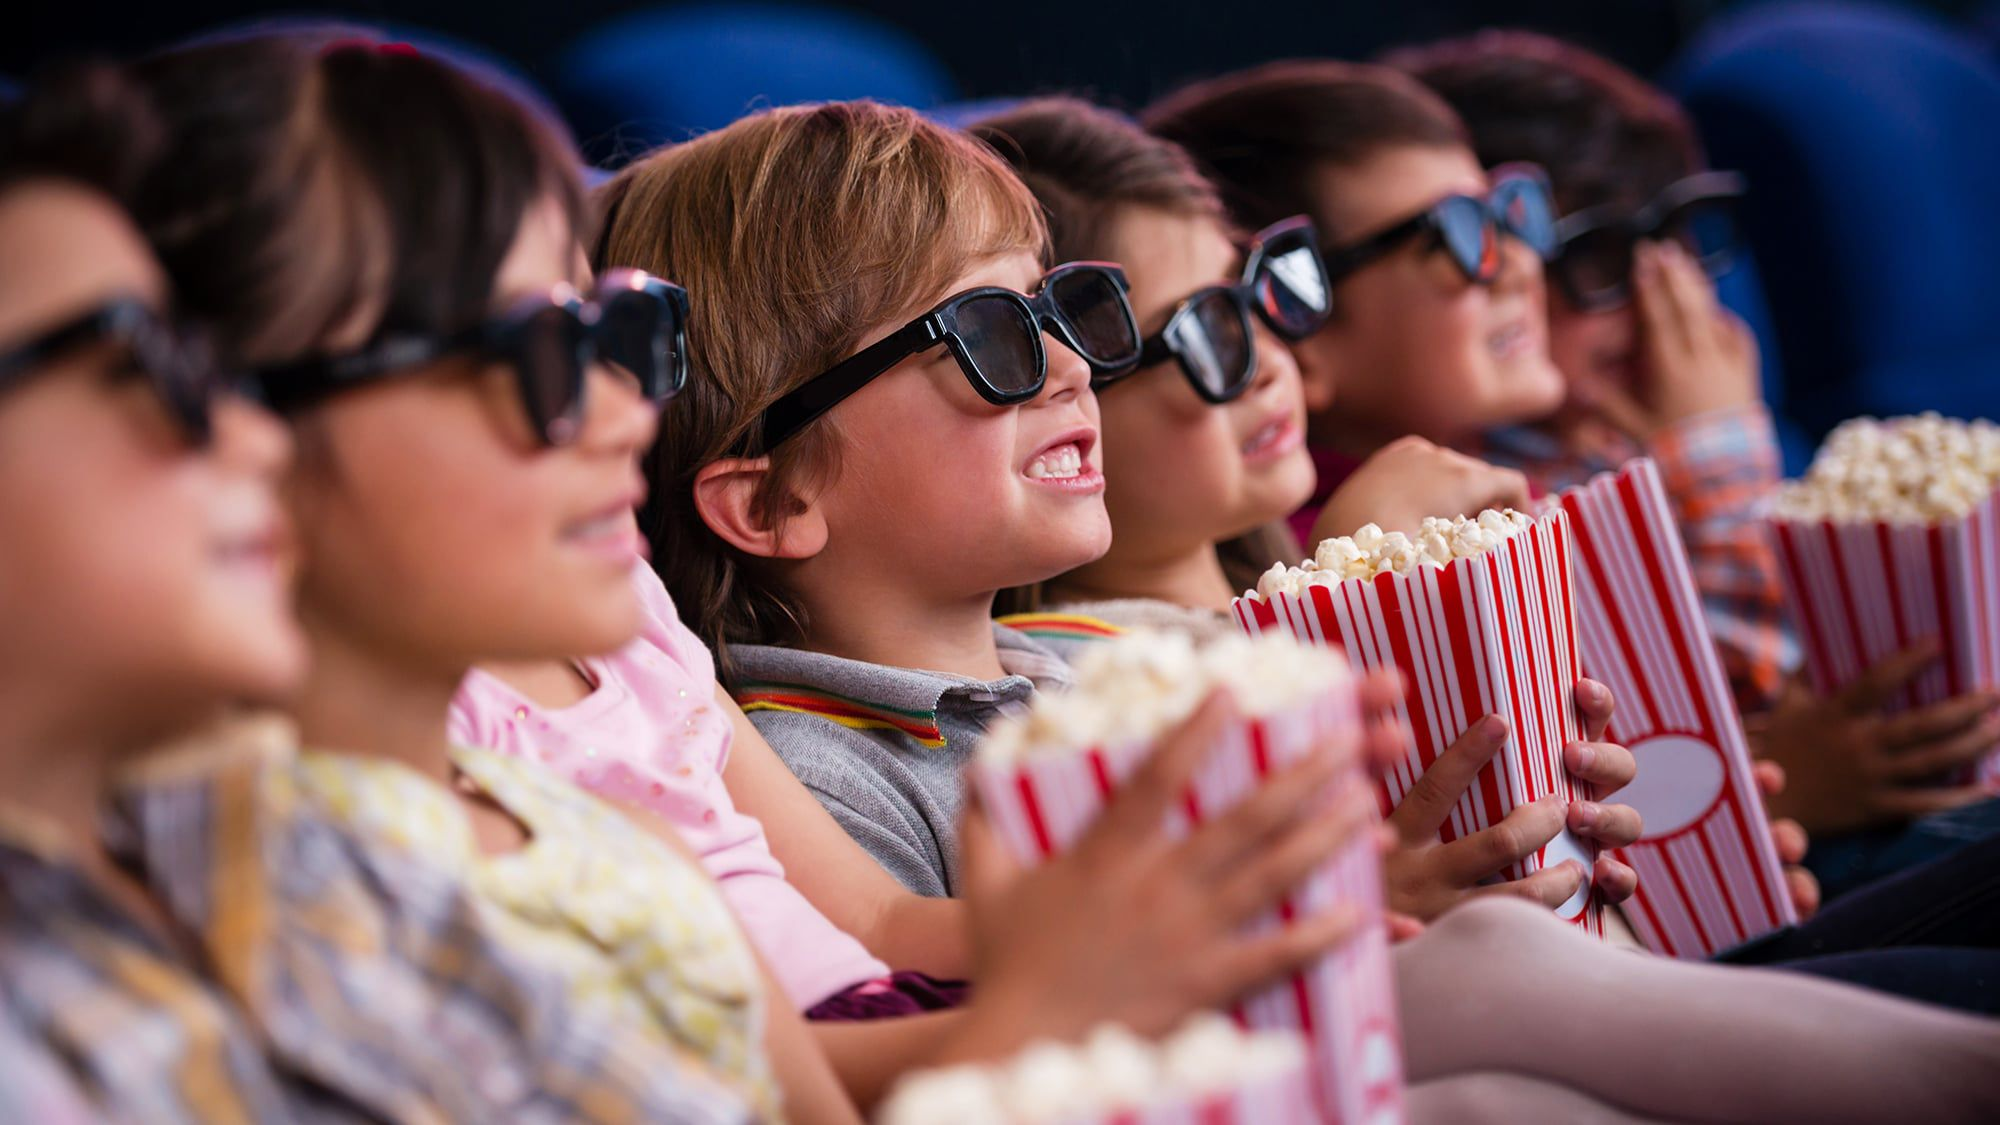 картинки ходить в кино подмышечных, или аксиллярных